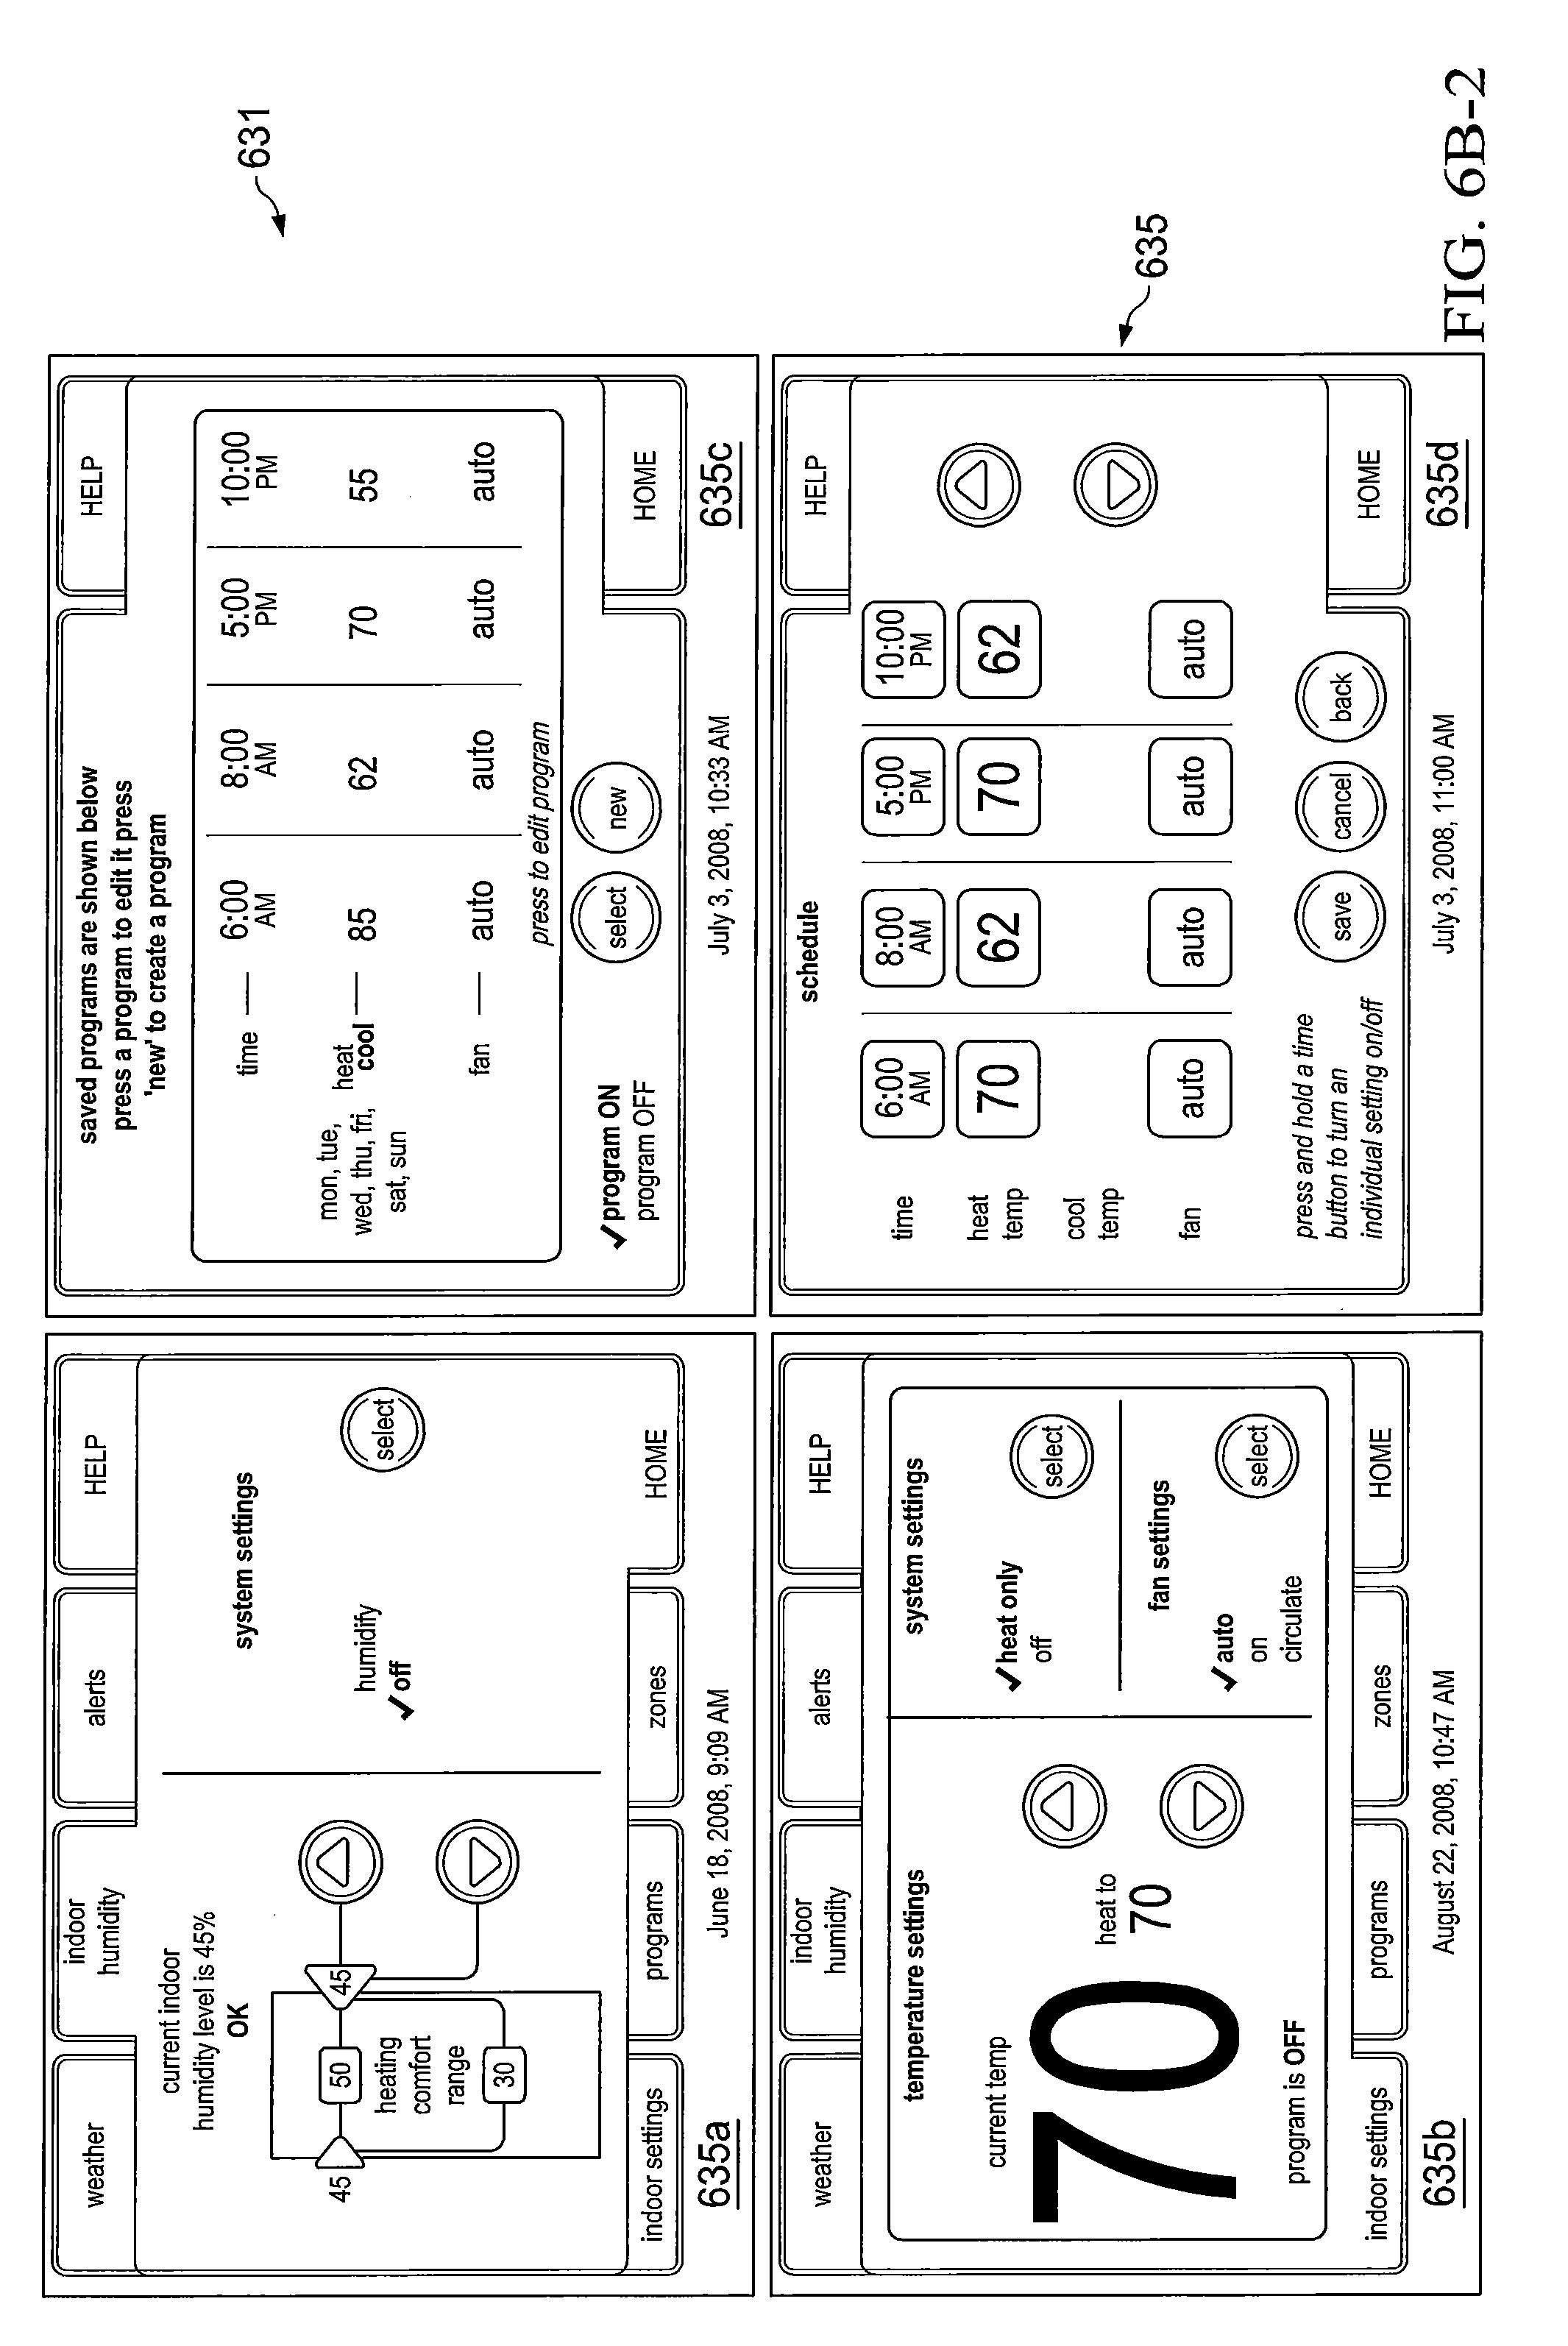 Vvmc-ptc-scr series m (asme 2000), 42-02 | manualzz. Com.